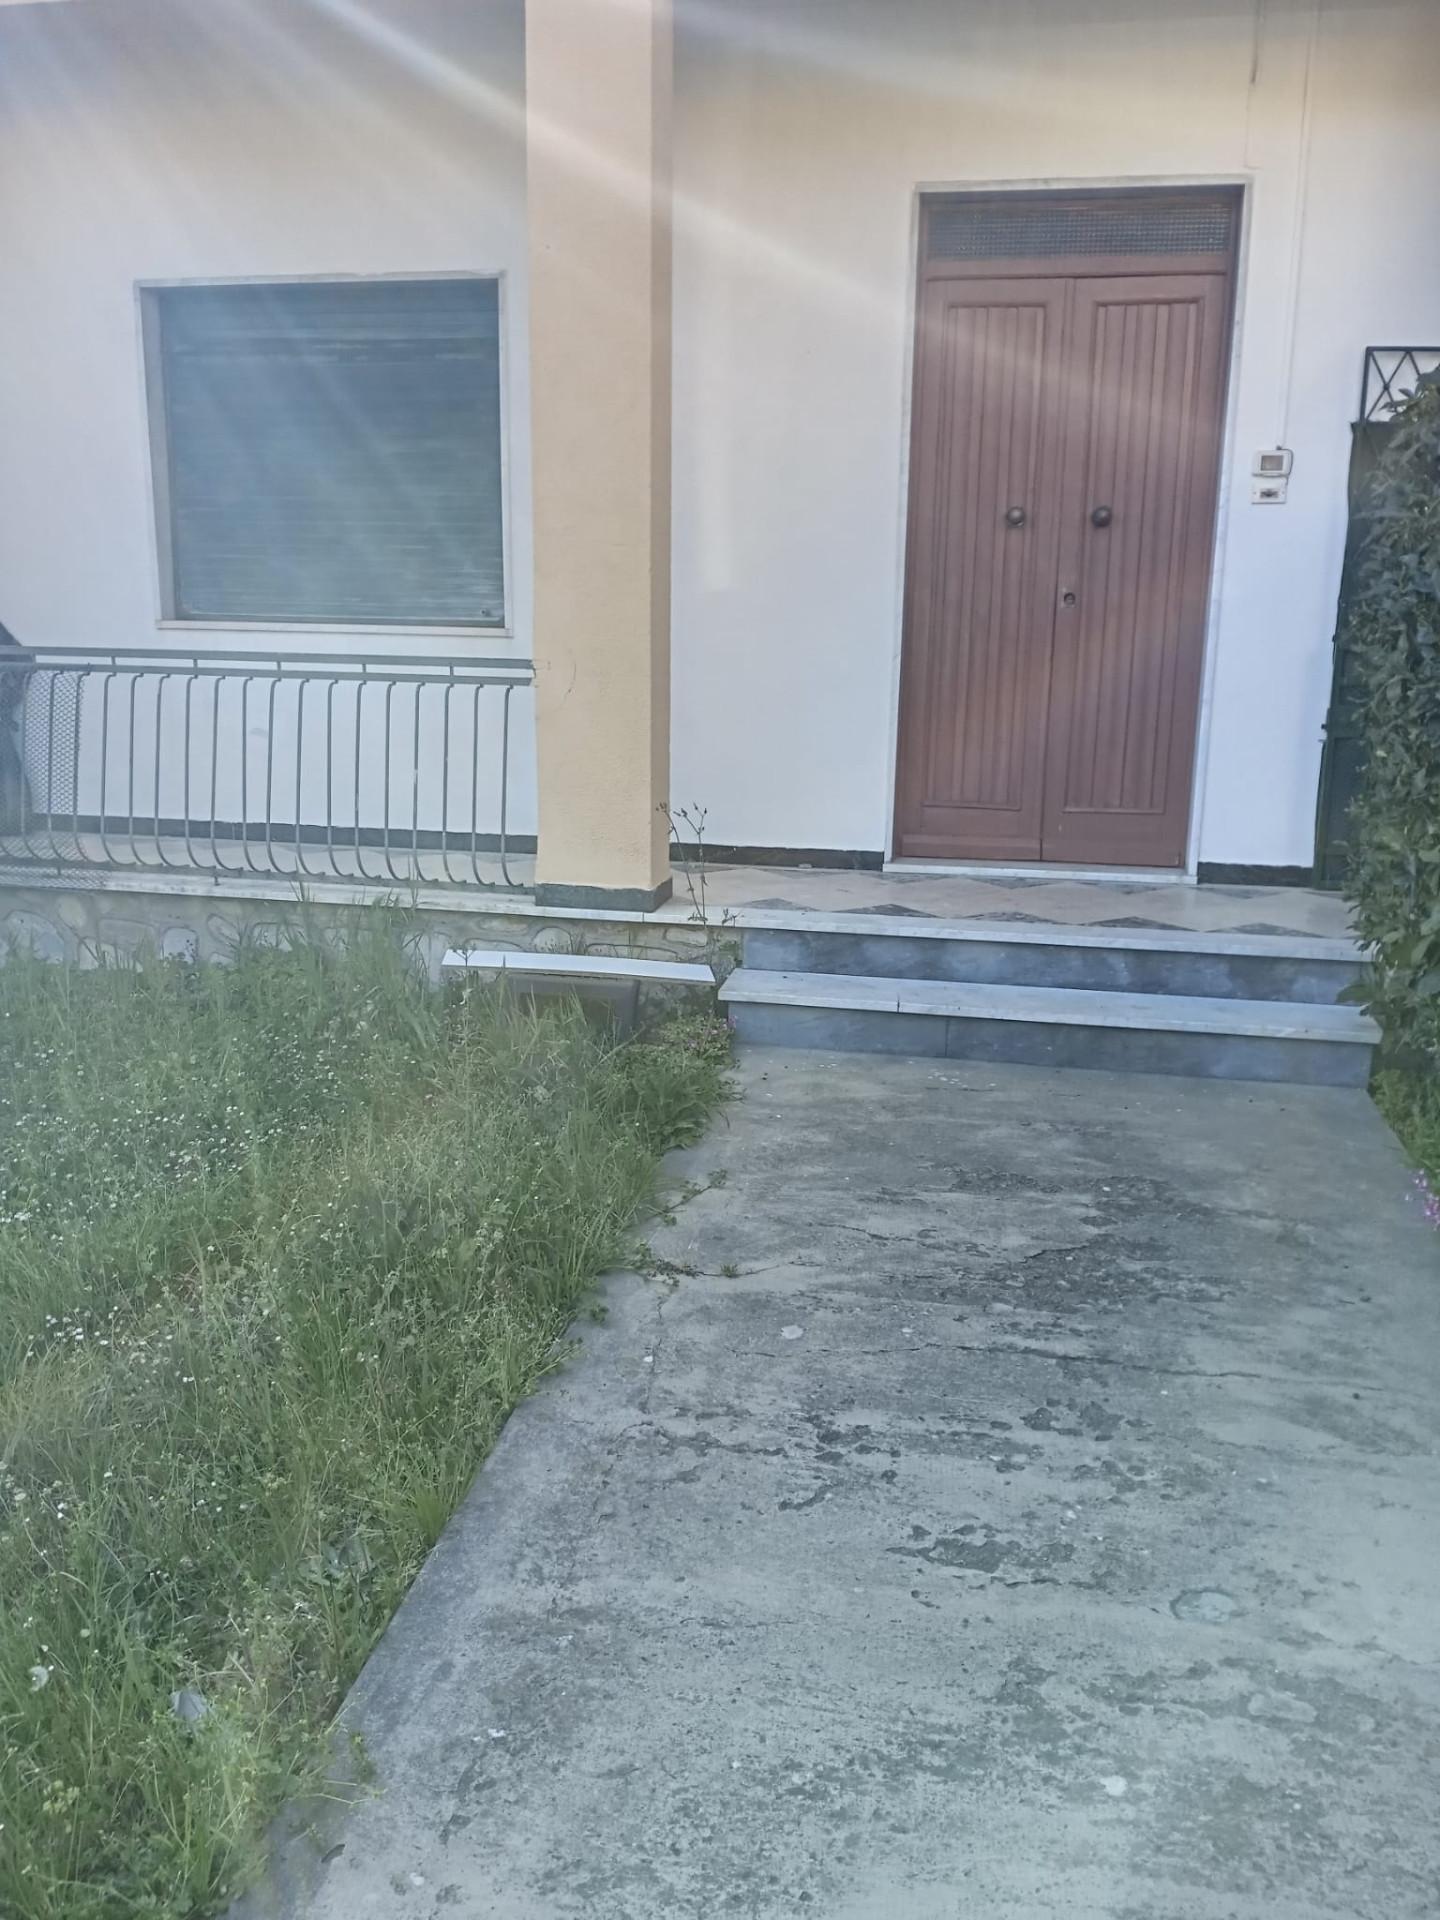 Appartamento in vendita a Ortonovo, 2 locali, prezzo € 130.000 | CambioCasa.it